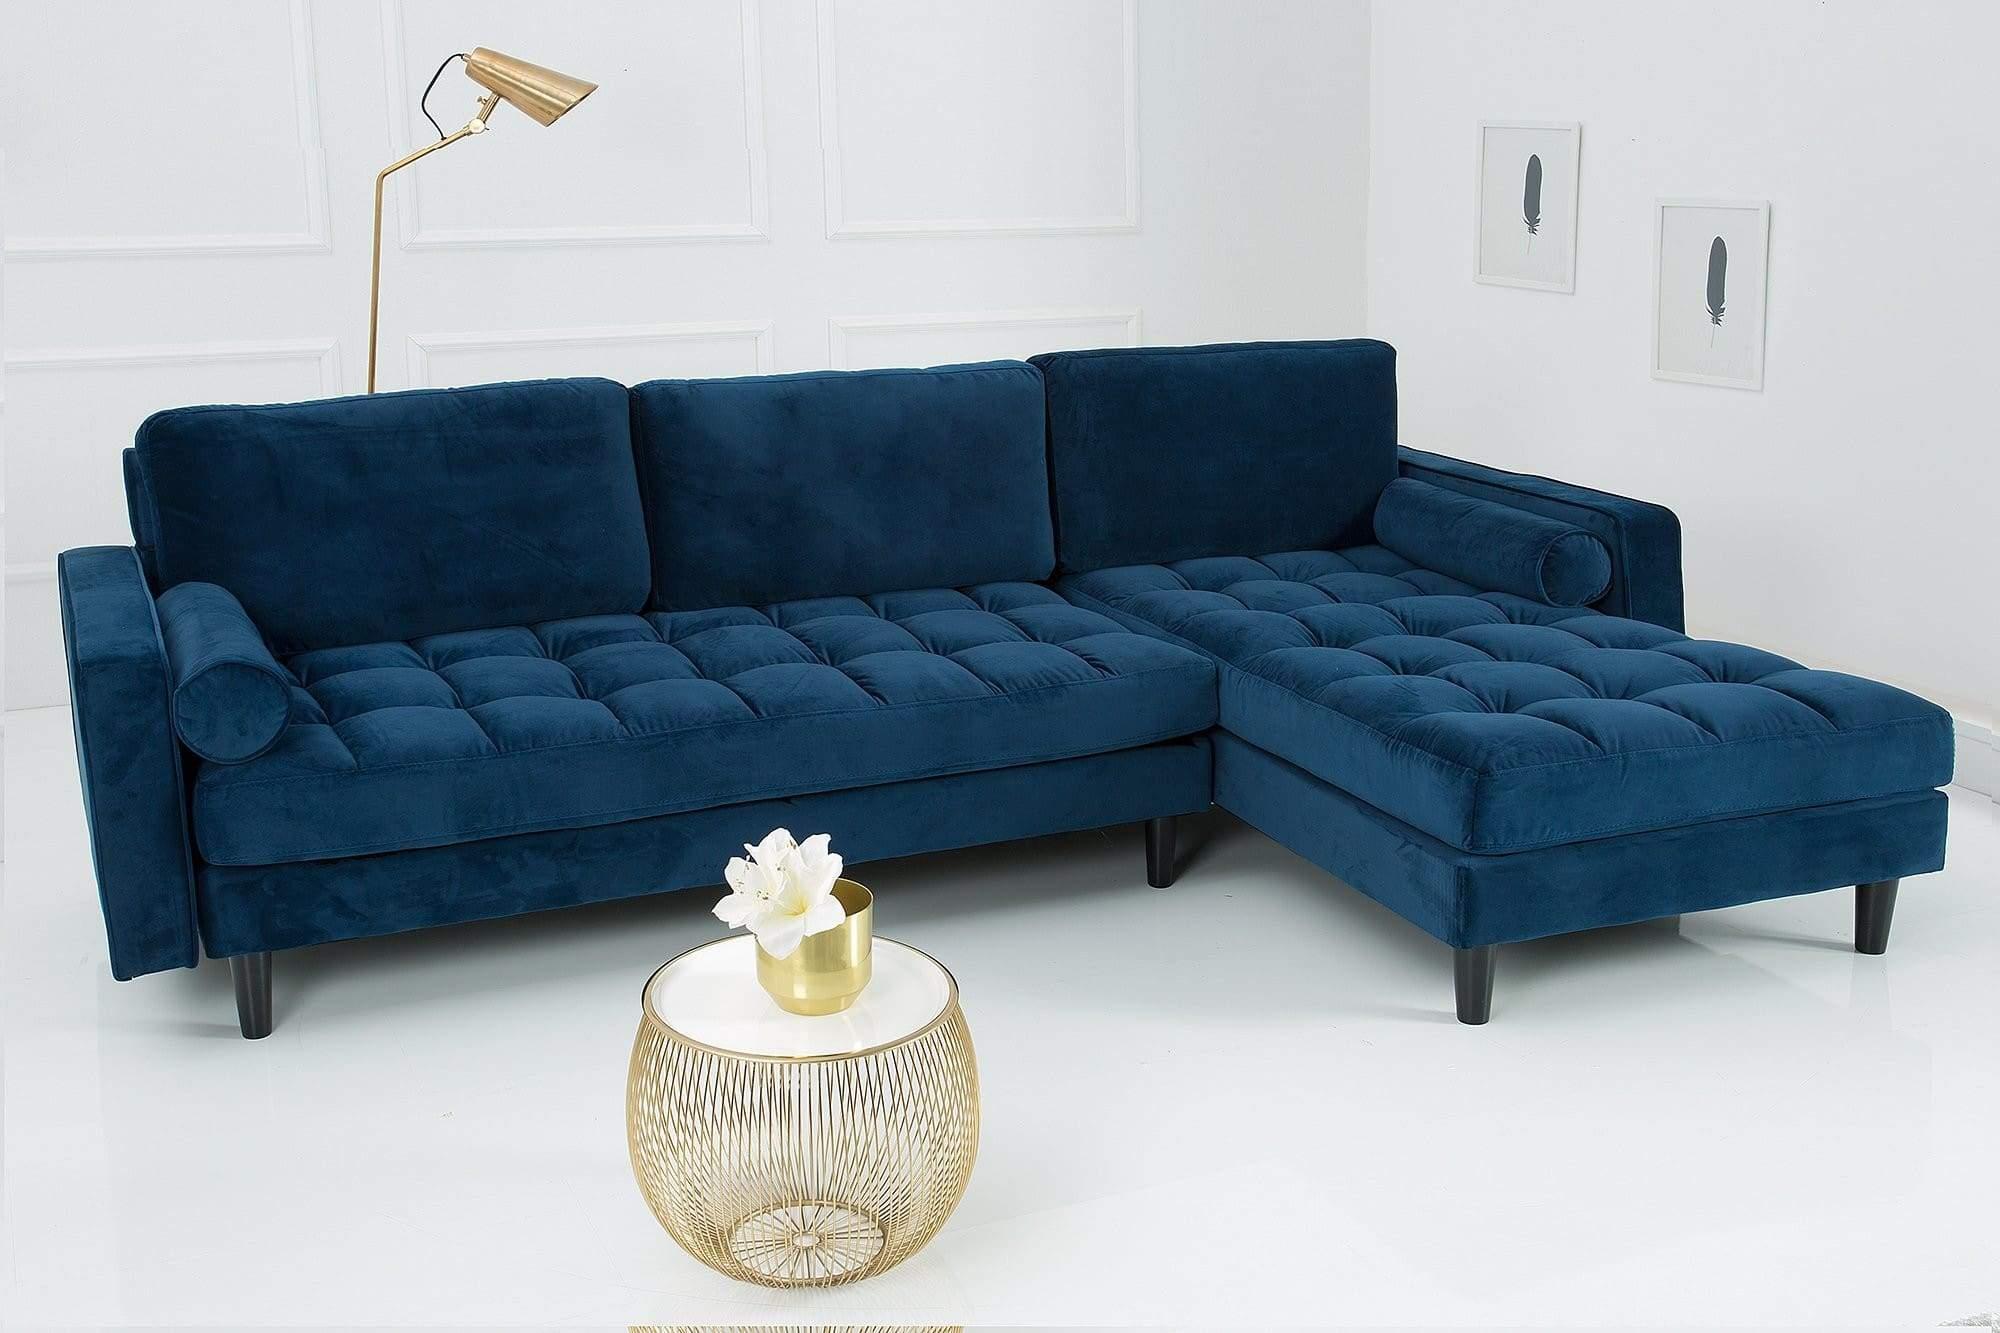 Lehet nagyon sokoldalú egy kanapé